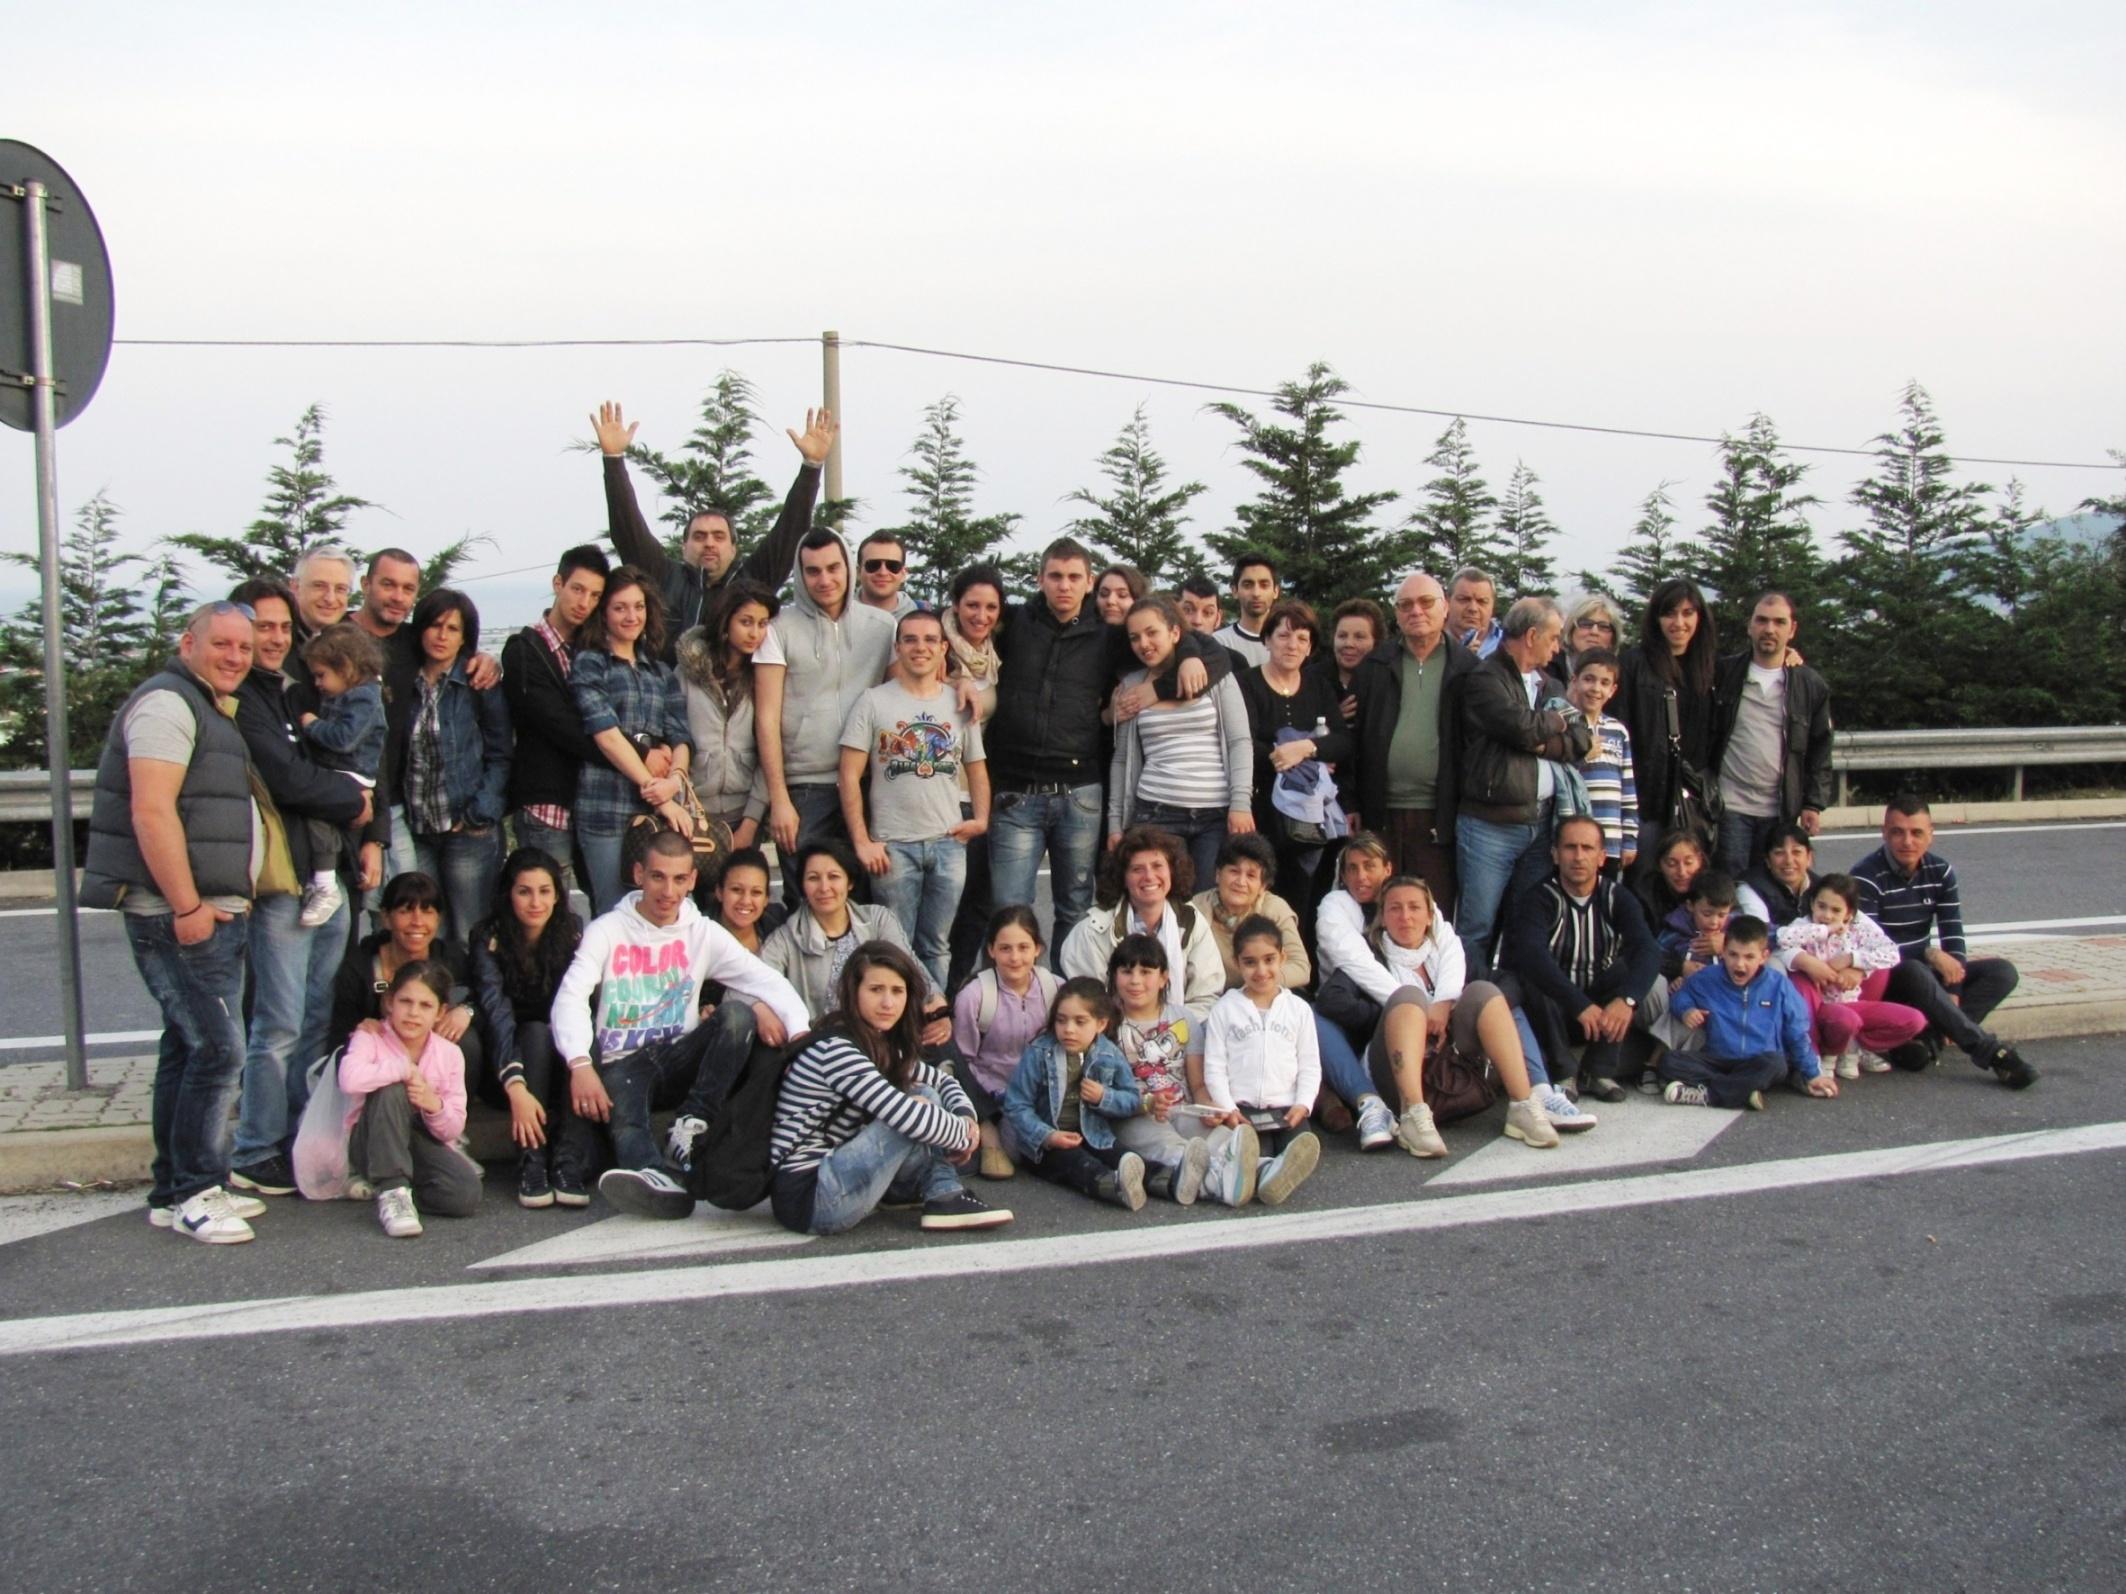 pasquetta_dolceacqua-2011-04-25-19-41-23